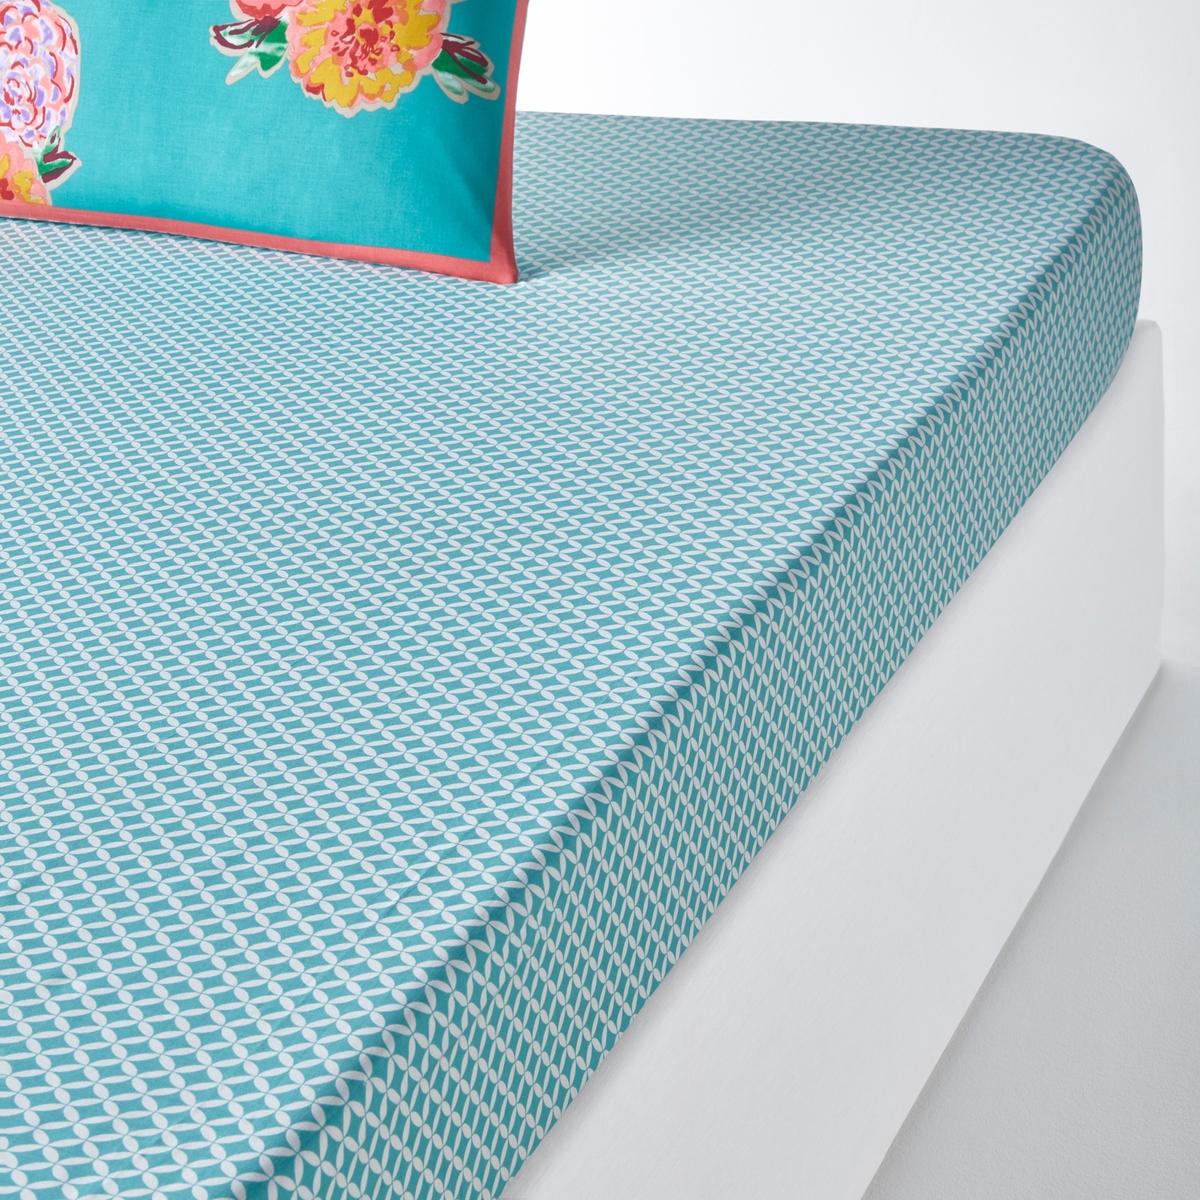 Простыня натяжная с рисунком LHATSEНатяжная простыня LHATSE : качественное хлопковое постельное белье с мелким узором и крупным цветочным рисунком вдохнет свежести в Ваш интерьер.Характеристики натяжной простыни с рисунком LHATSE :Мелкий узор бирюзового цвета100% хлопок, 57 нитей/см? : чем больше нитей/см?, тем выше качество материала.Клапан шириной 25 см Весь комплект постельного белья LHATSE Вы найдете на laredoute.ru Легкость ухода :Машинная стирка при 60 °СЛегкая глажкаЗнак Oeko-Tex® гарантирует отсутствие вредных для здоровья веществ в протестированных и сертифицированных изделиях.Размеры :90 x 190 см : 1-сп.140 x 190 см : 2-сп.160 x 200 см : 2-сп.180 x 200 см : 2-сп.<br><br>Цвет: рисунок сине-бирюзовый